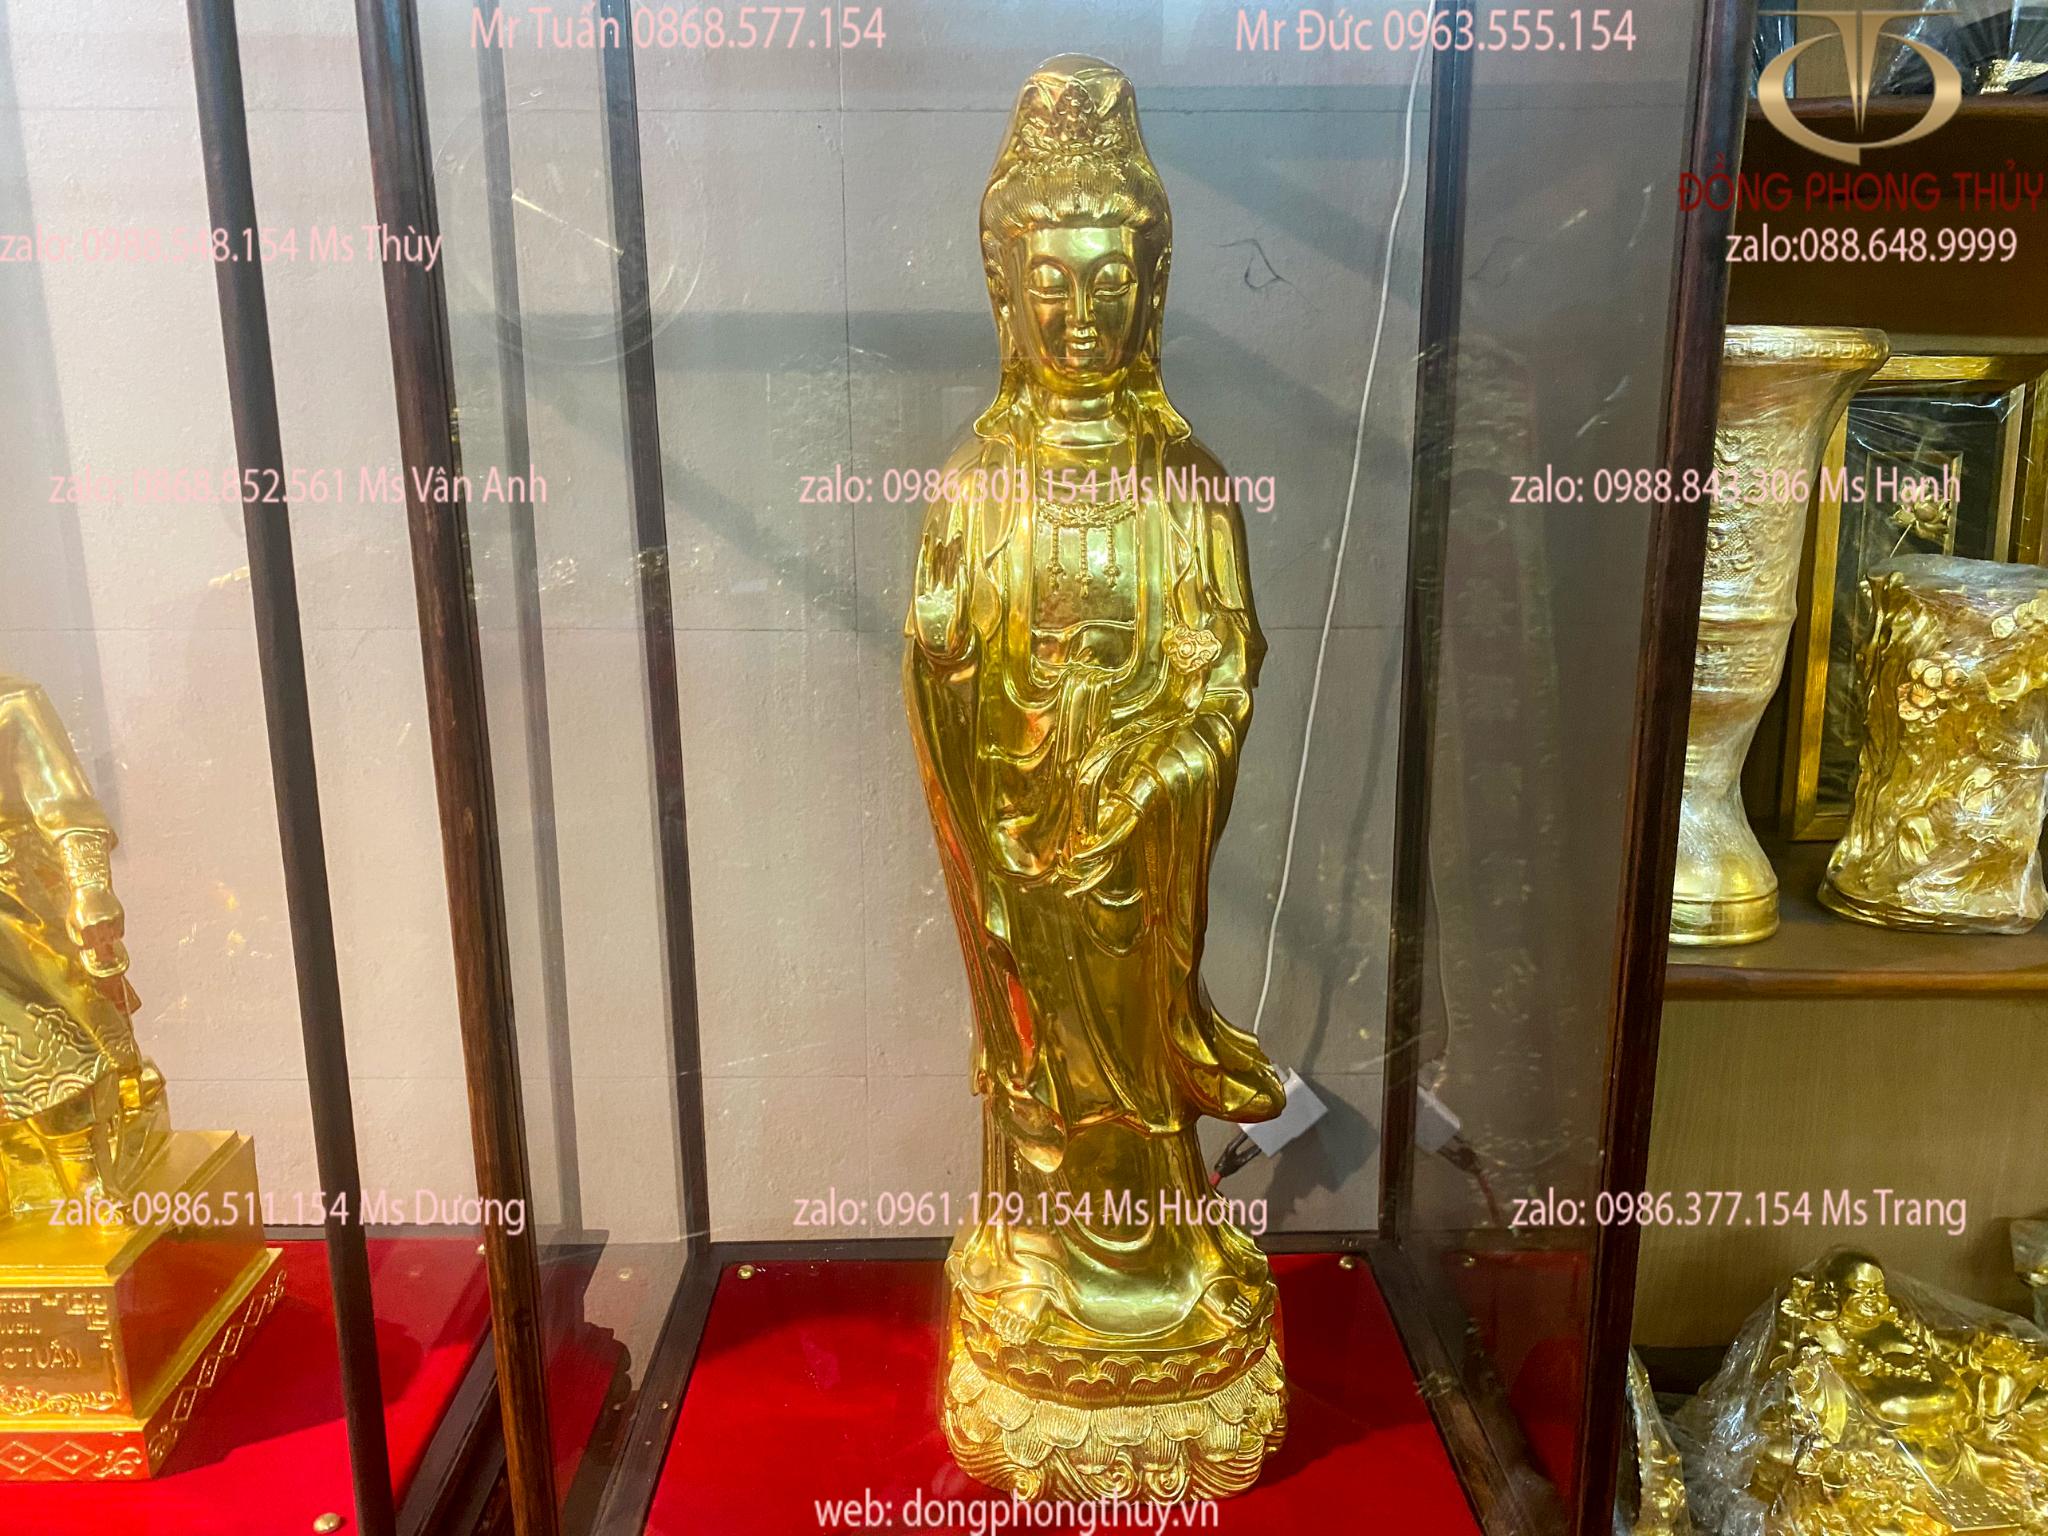 Tượng phật quan âm bồ tát đứng cao 62cm bằng đồng dát vàng 24k